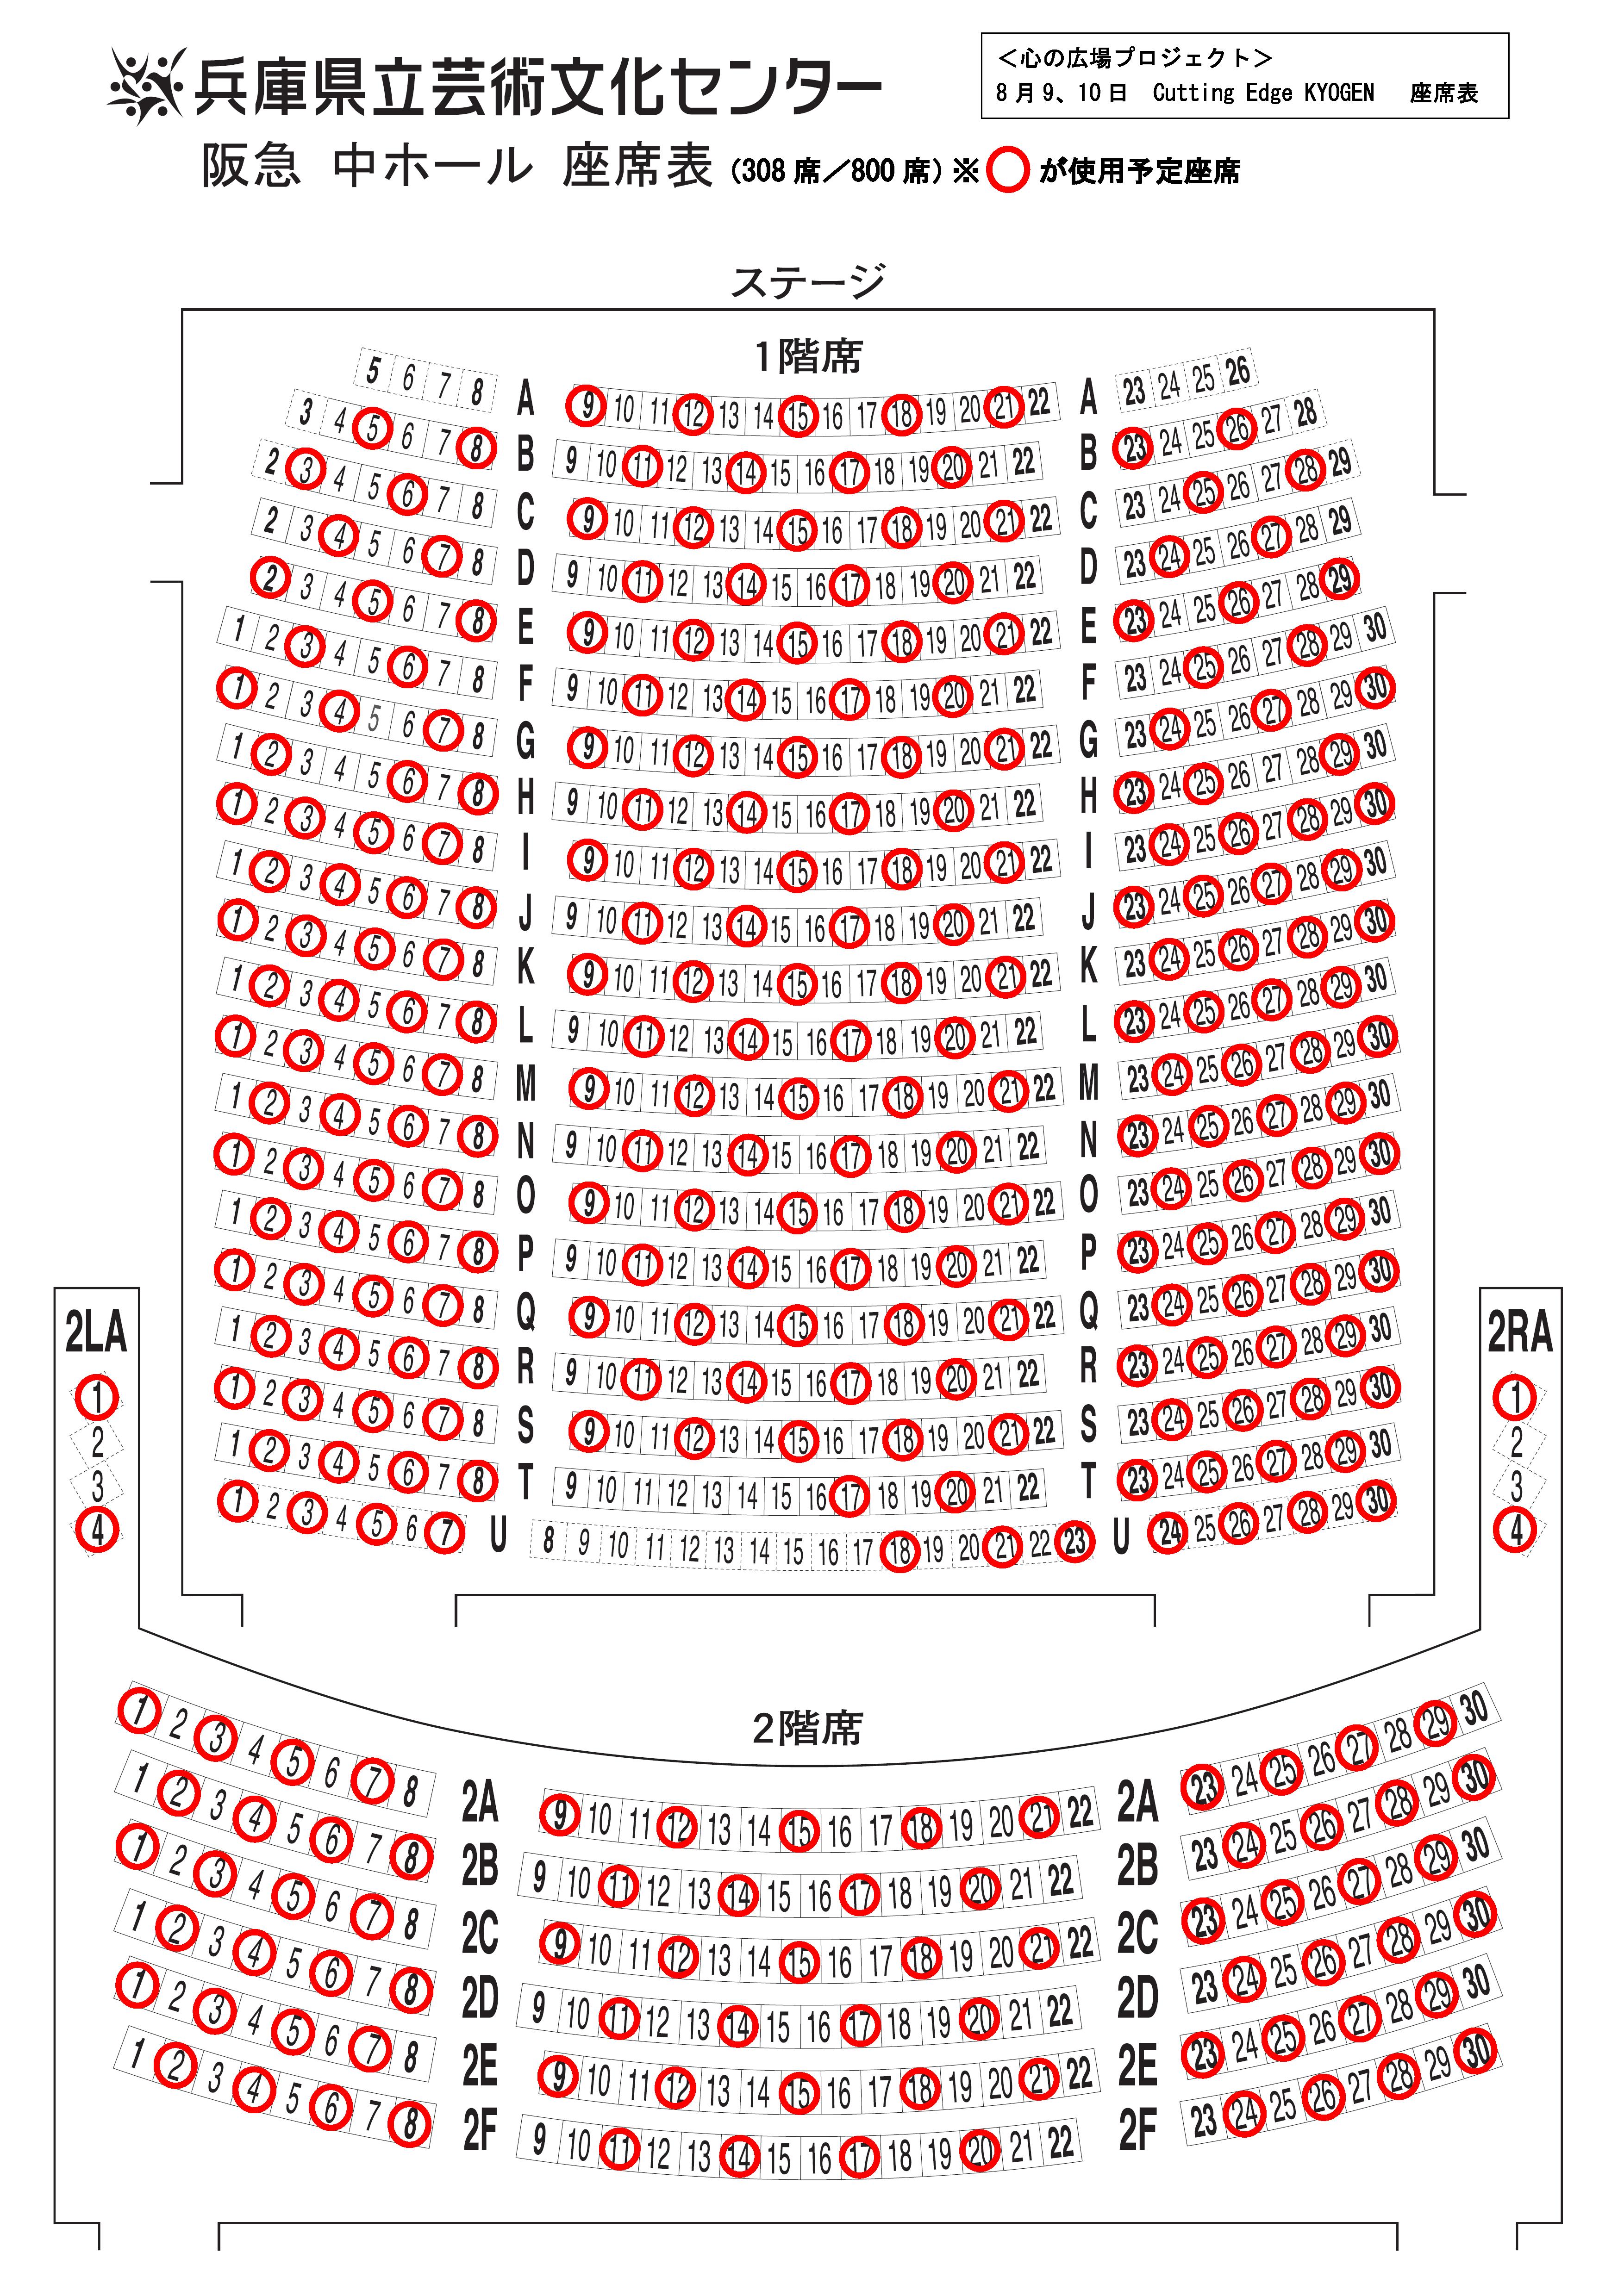 心の広場プロジェクト カッティングエッジ 座席表